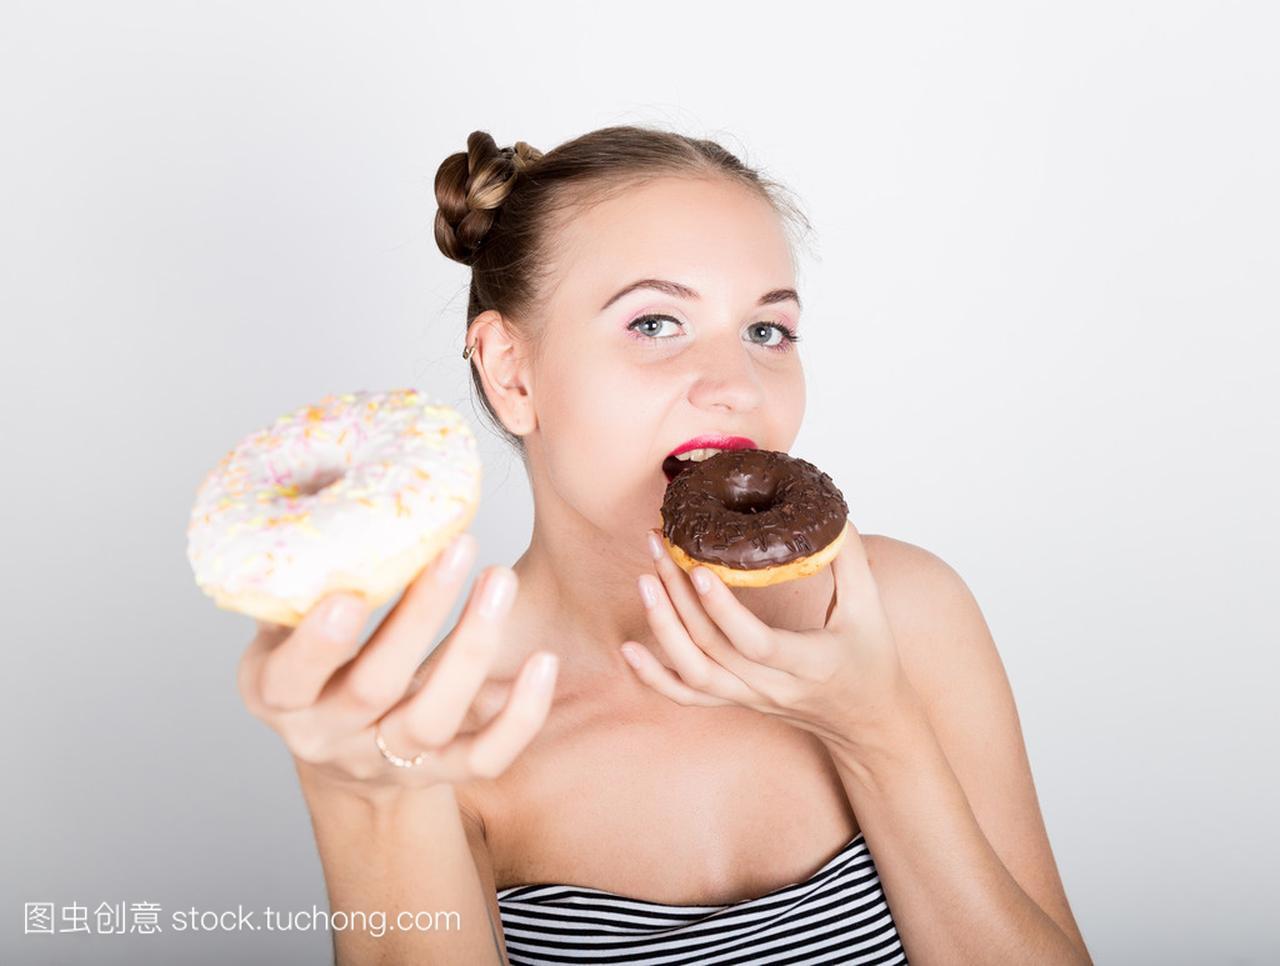 在吃糖衣的甜甜圈有女人的亮妆的年轻女生。v糖衣政美味做怎么样图片